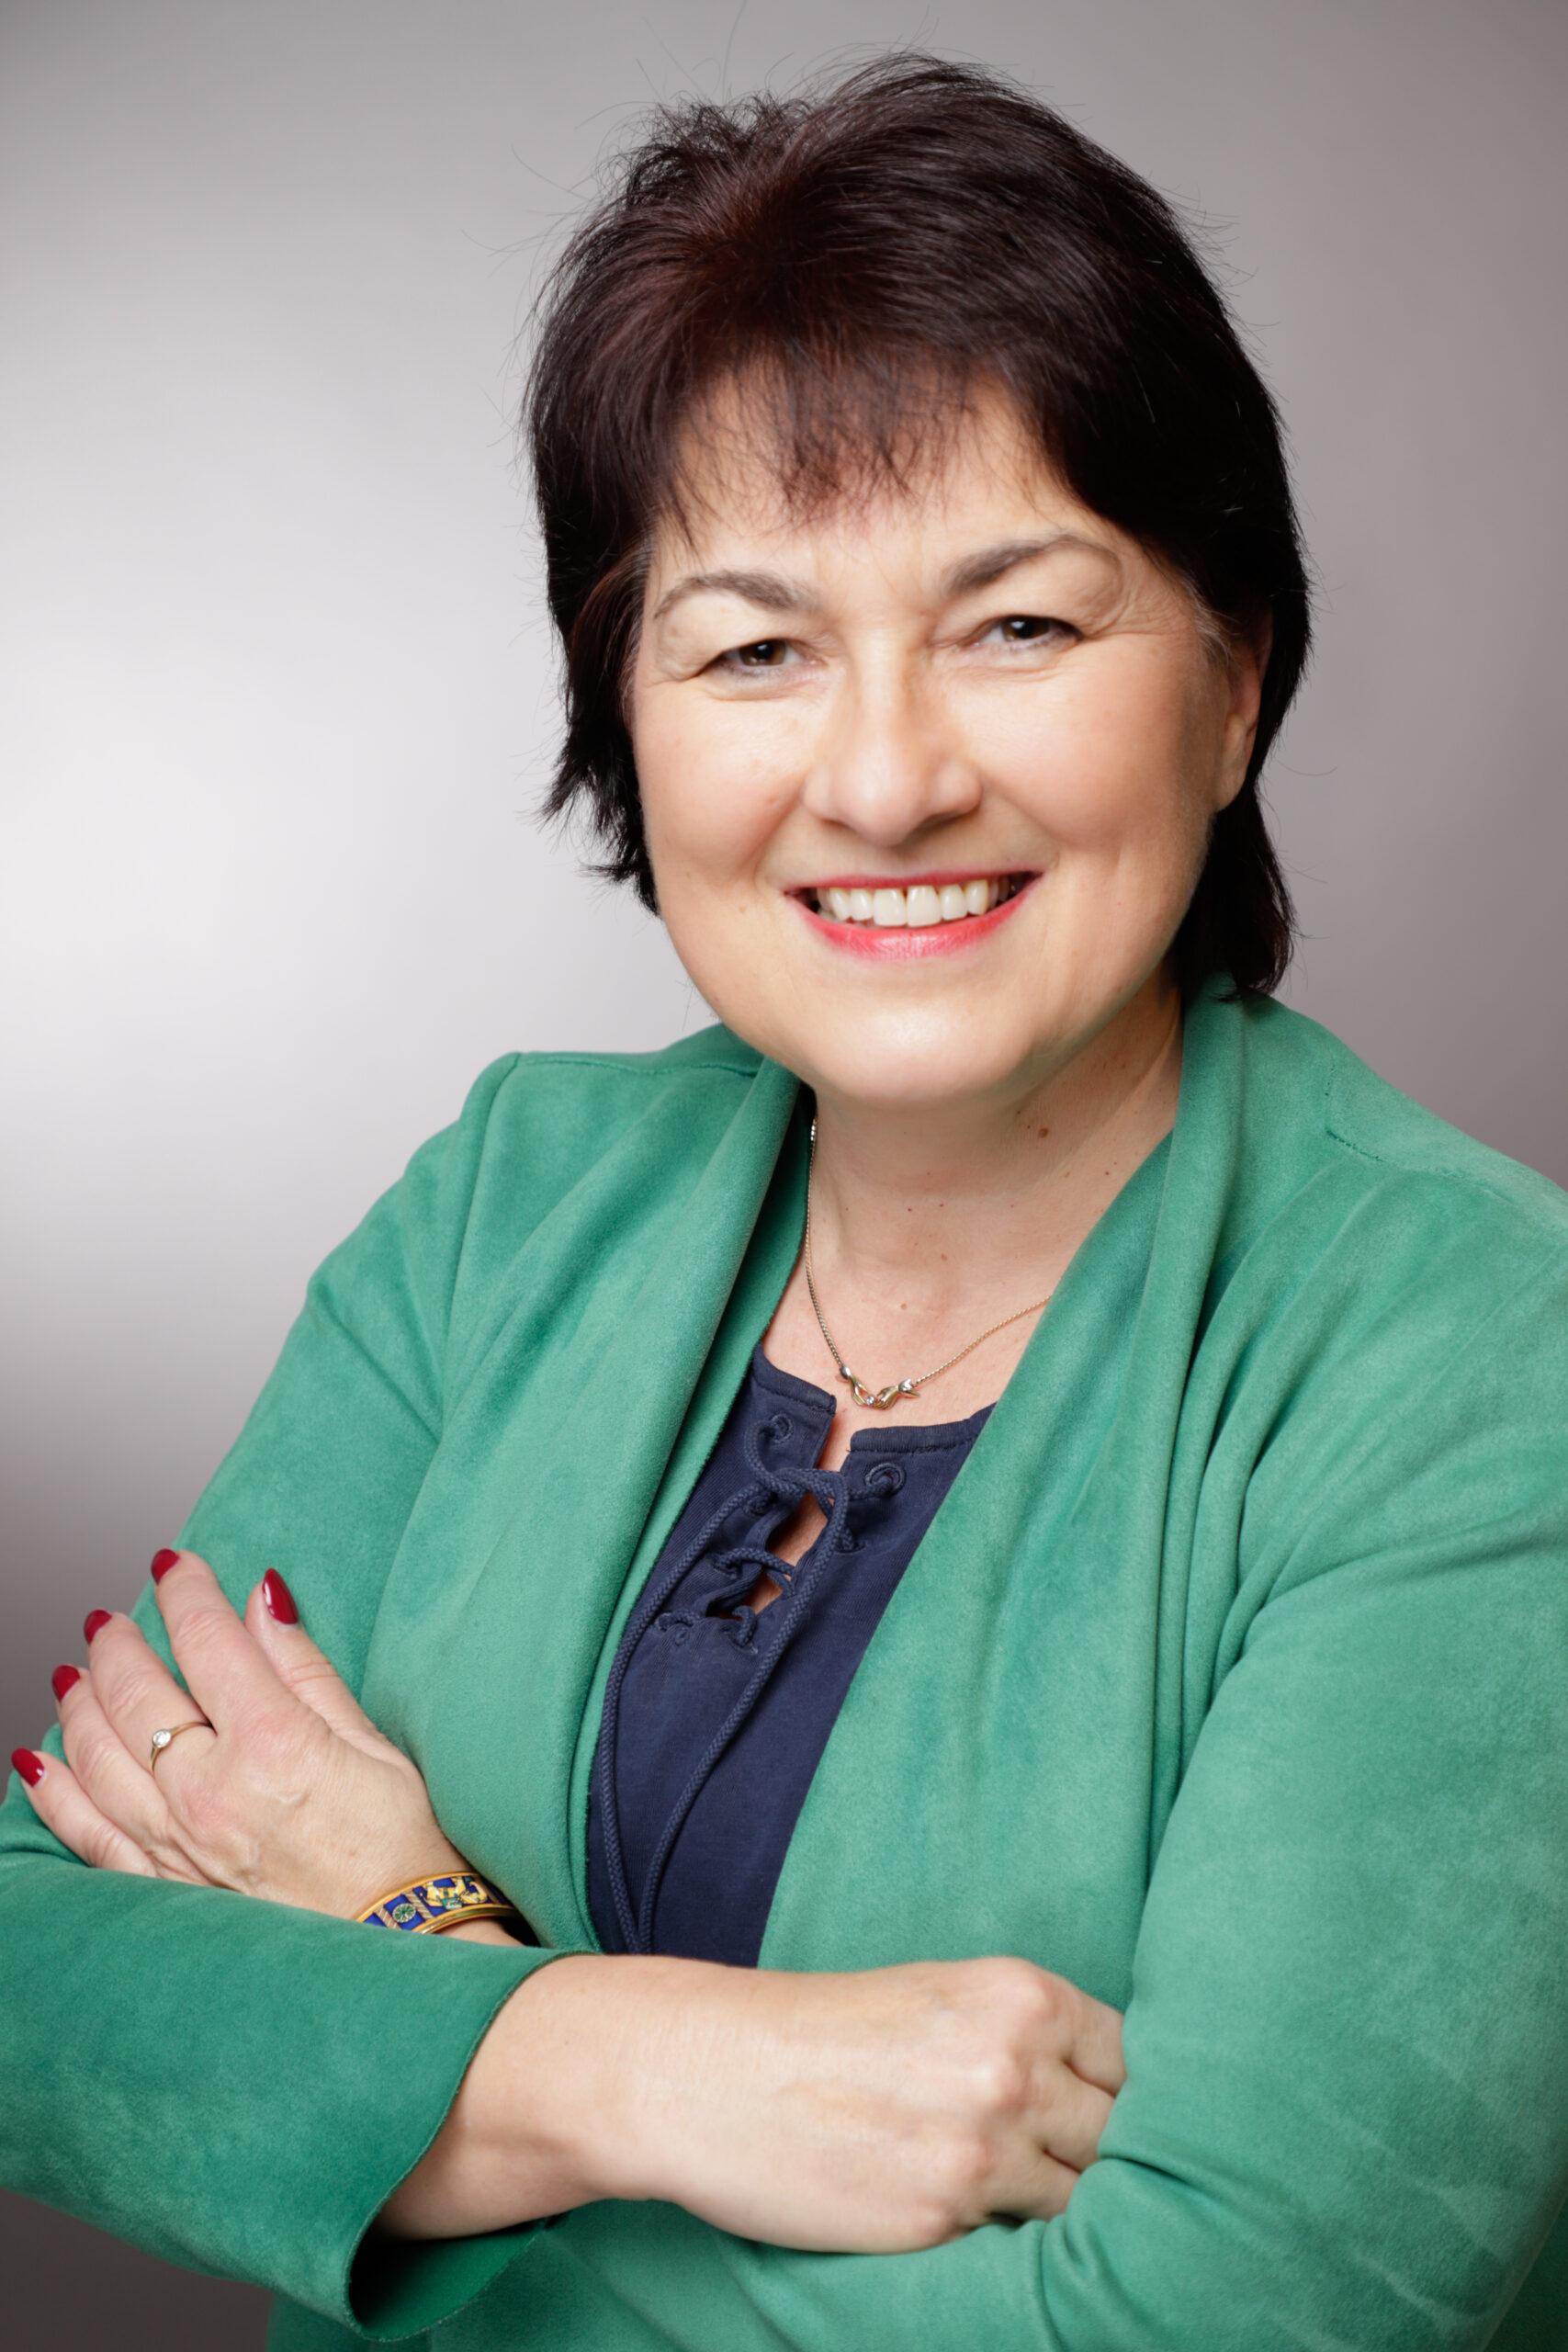 Maria Schlicker